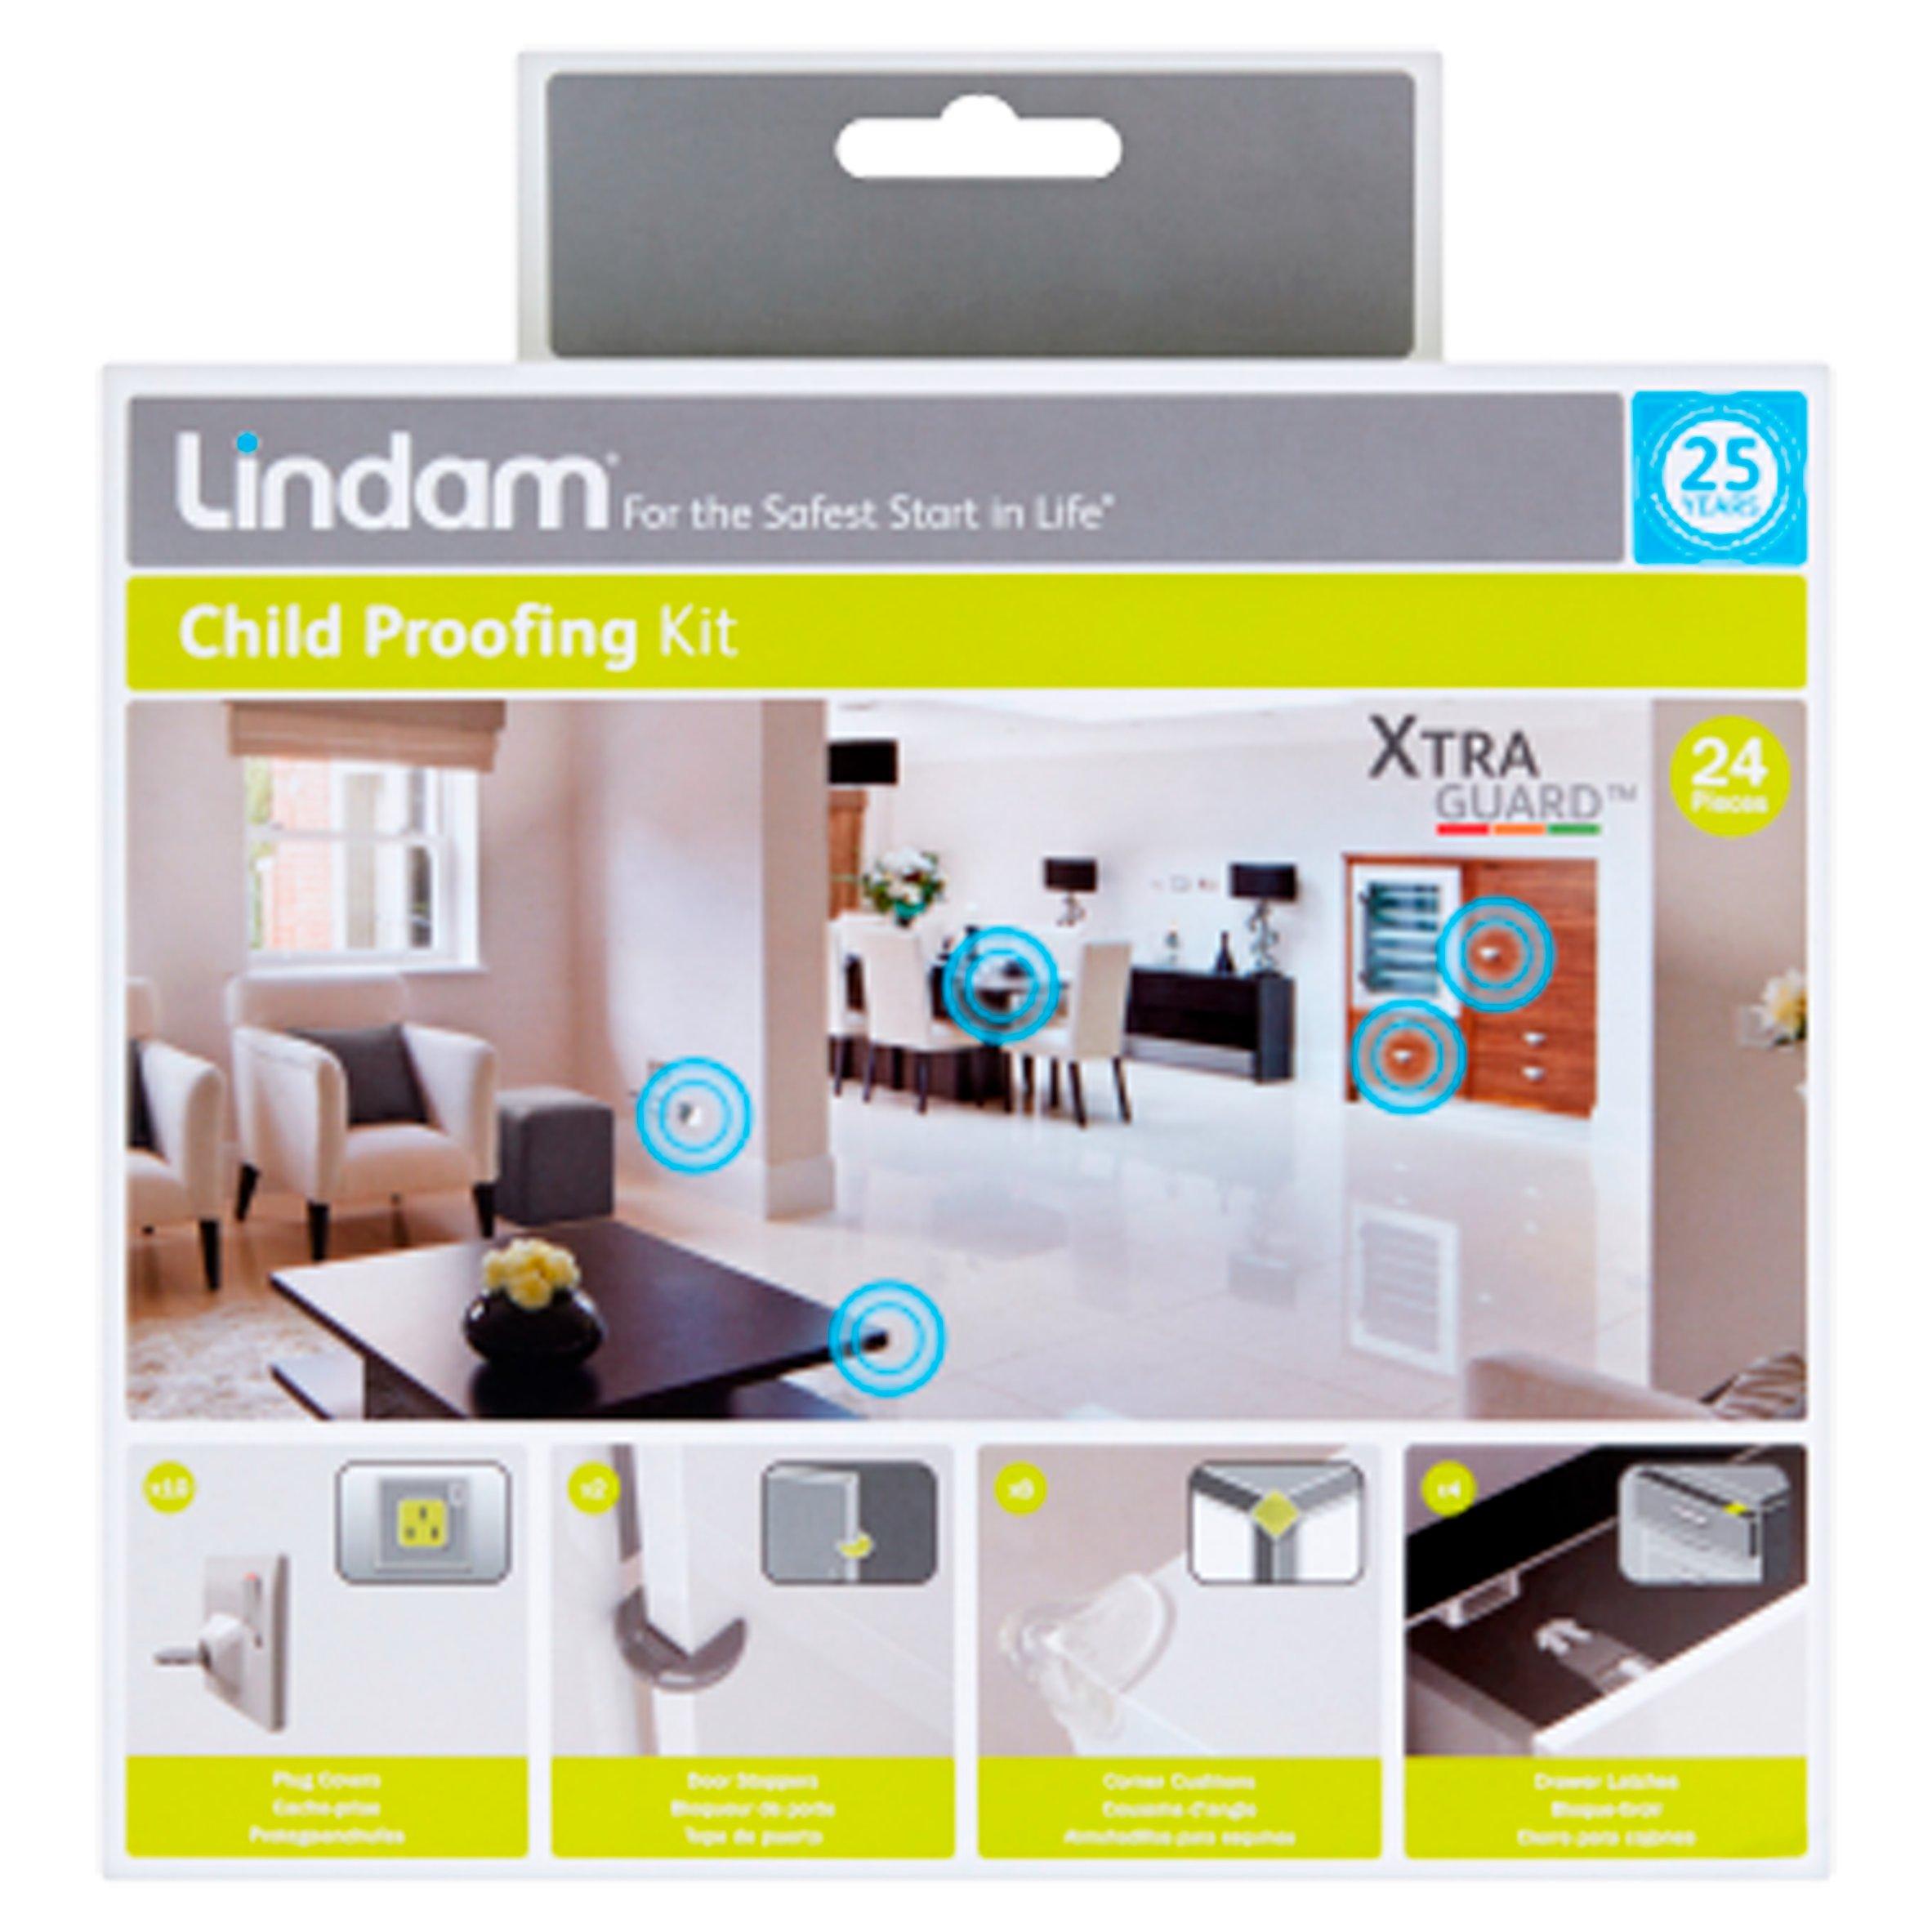 Lindam Xtra Guard Dual Guard Plug Socket Covers Baby Safe x 4